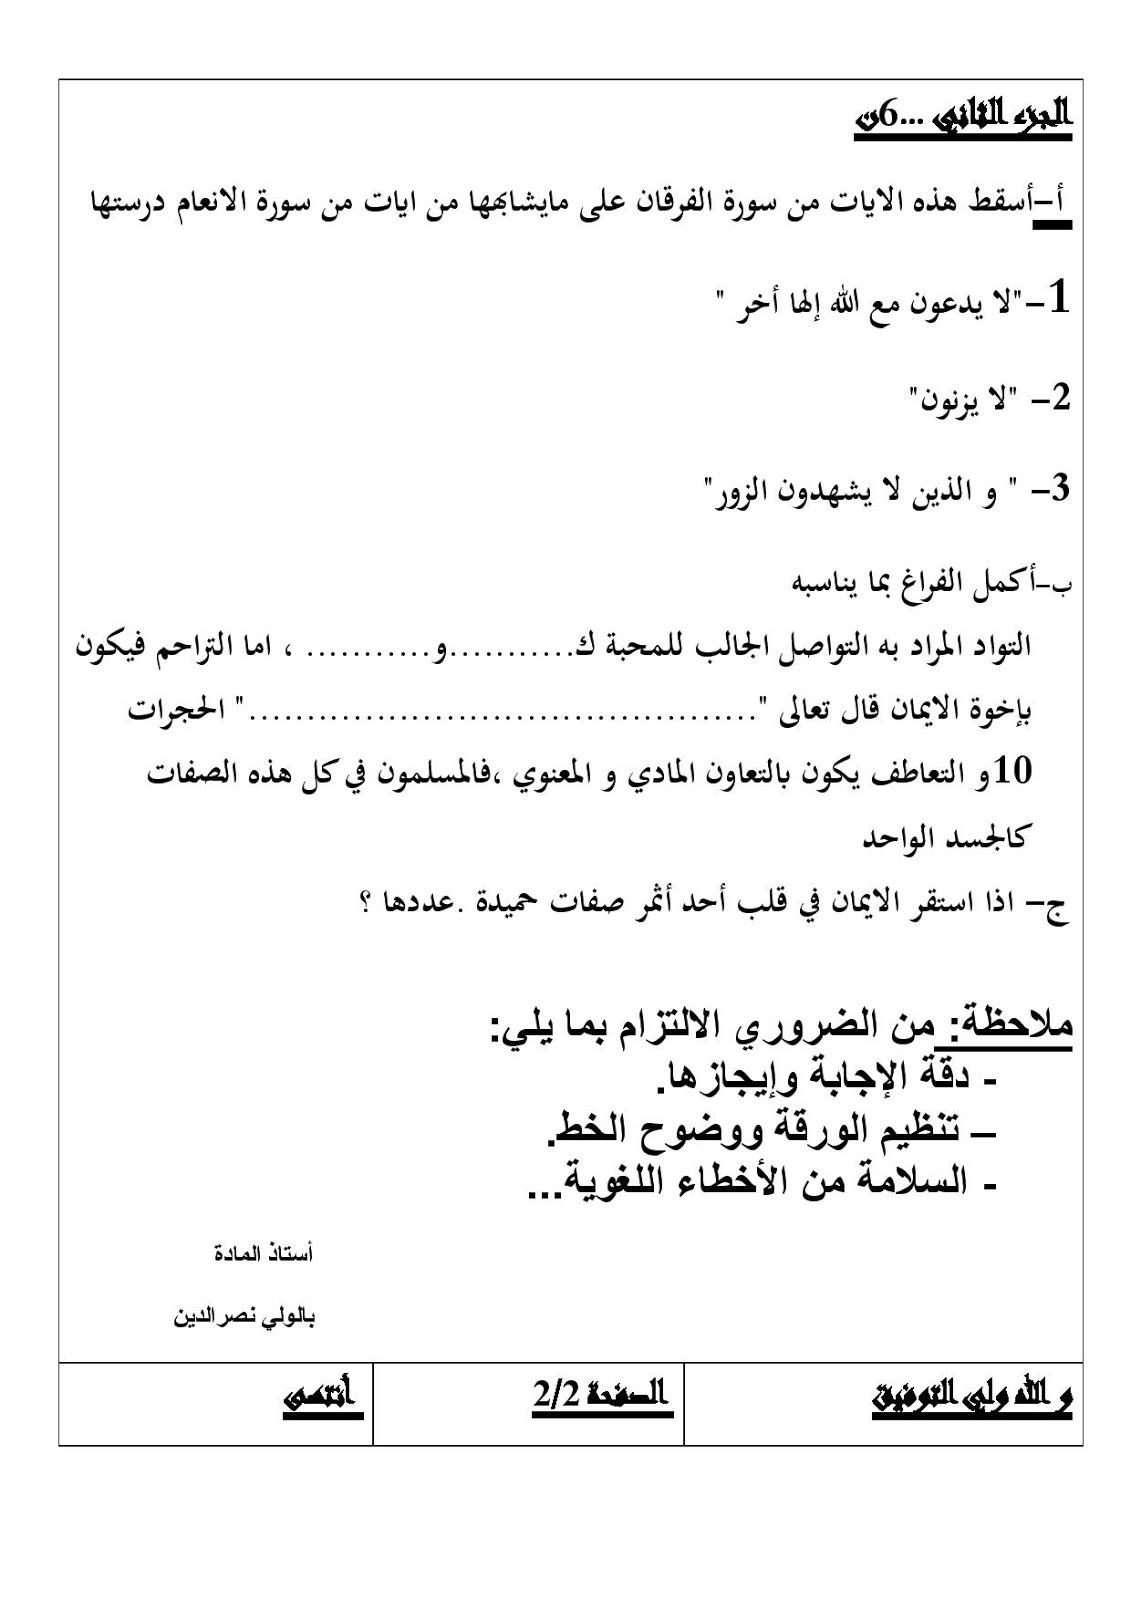 امتحان التربية الاسلامية